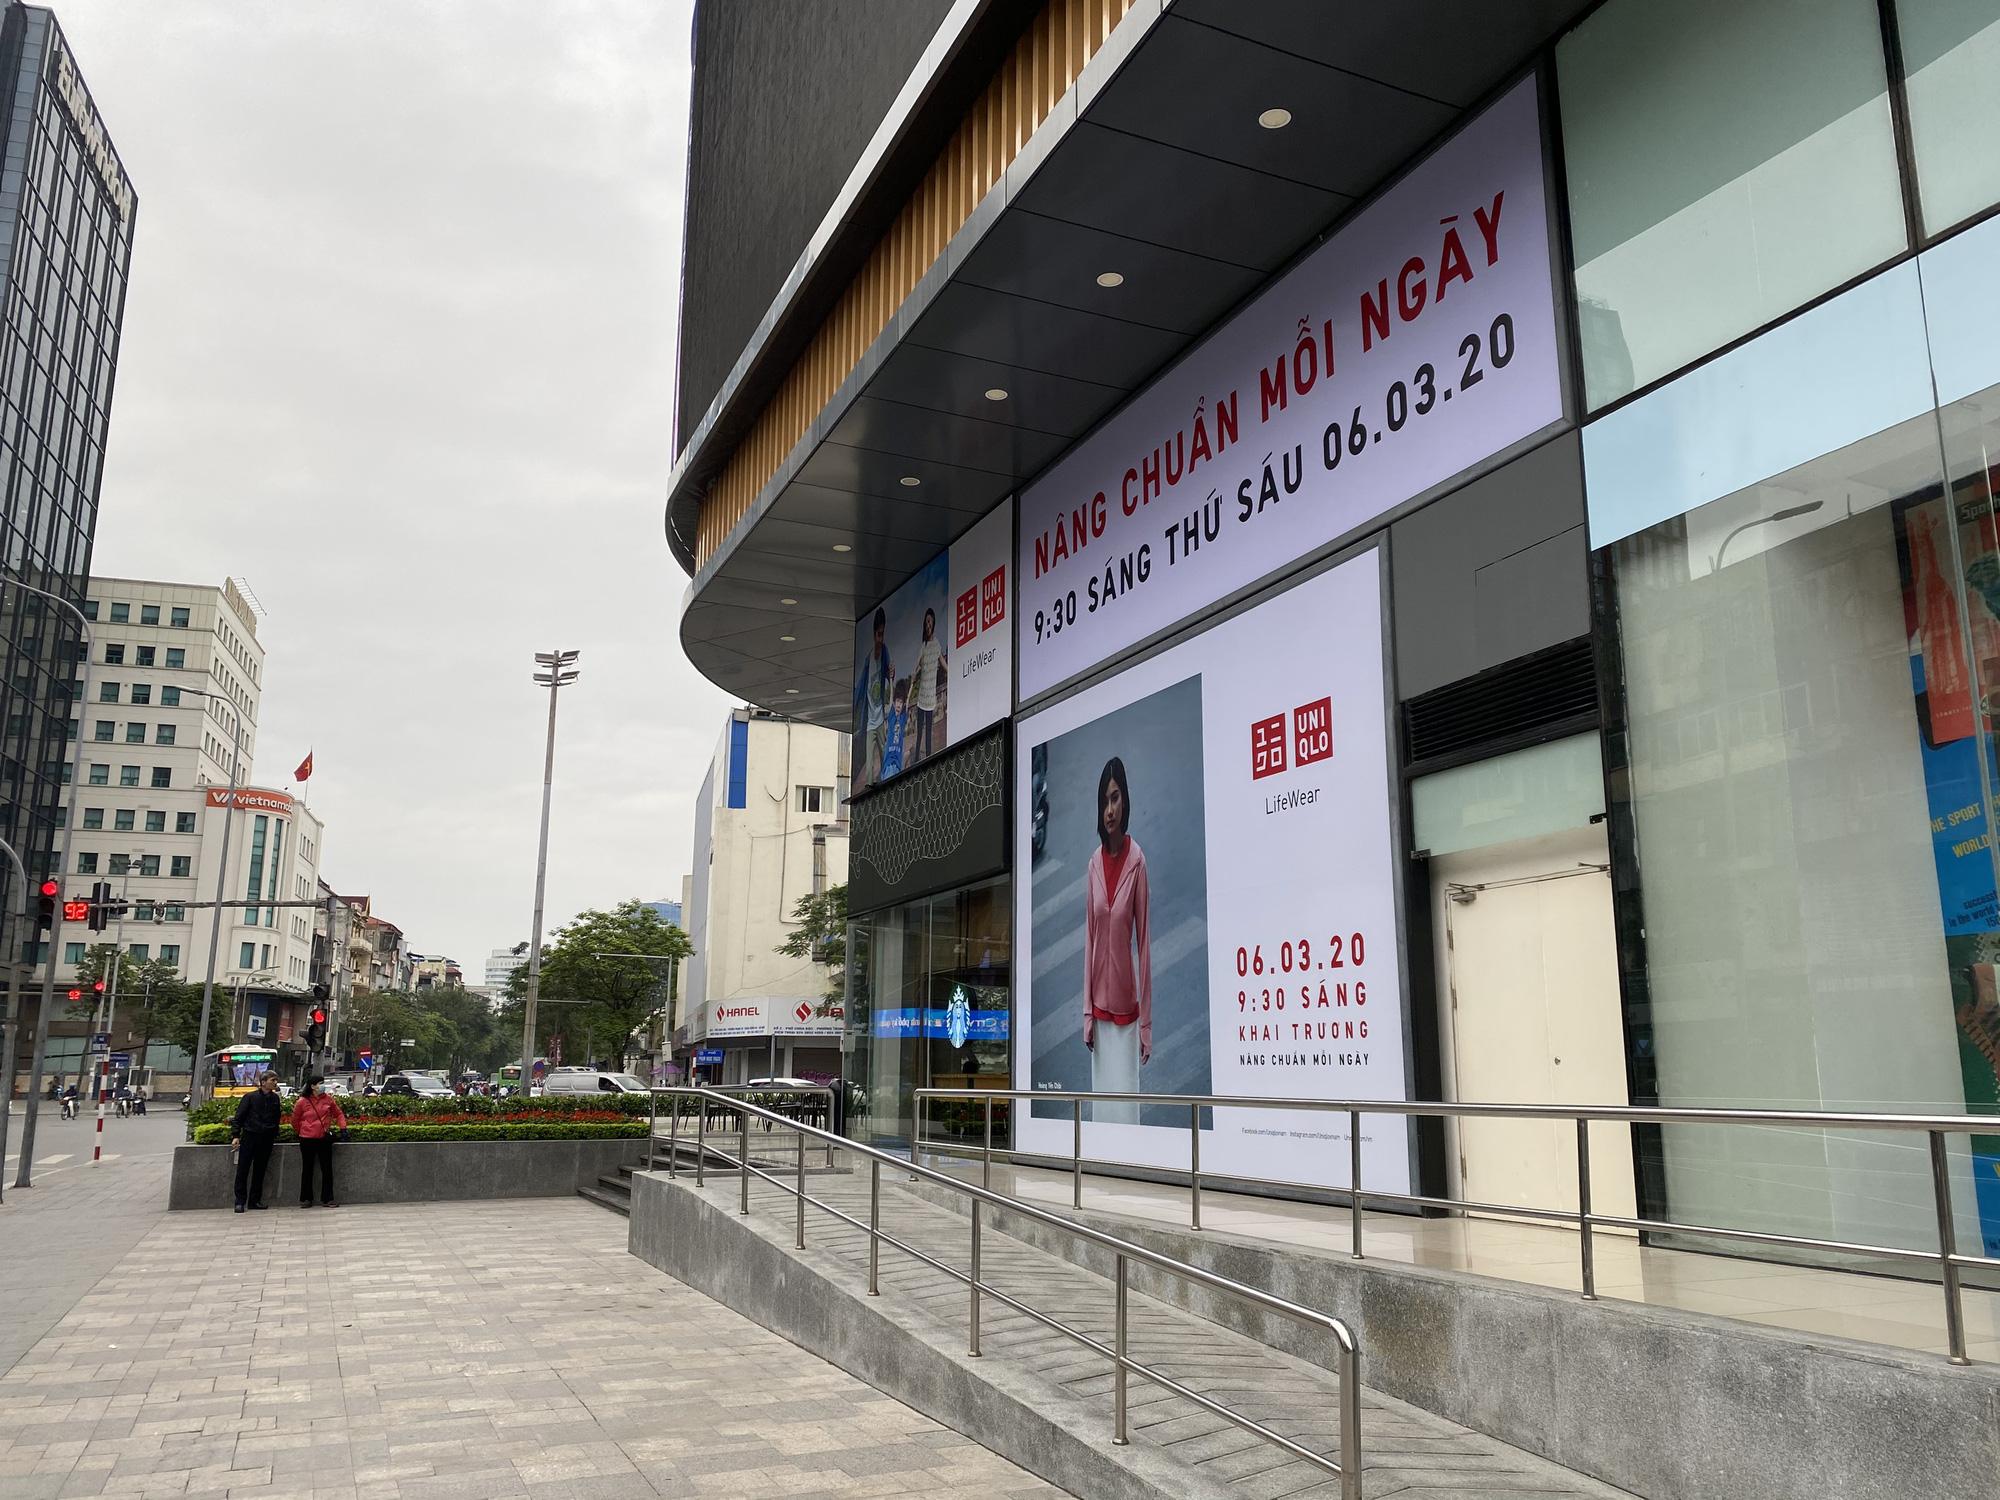 Uniqlo Hà Nội sau 1 tuần khai trương, khách hàng vẫn tới trải nghiệm mua sắm dù đang có dịch bệnh - Ảnh 2.